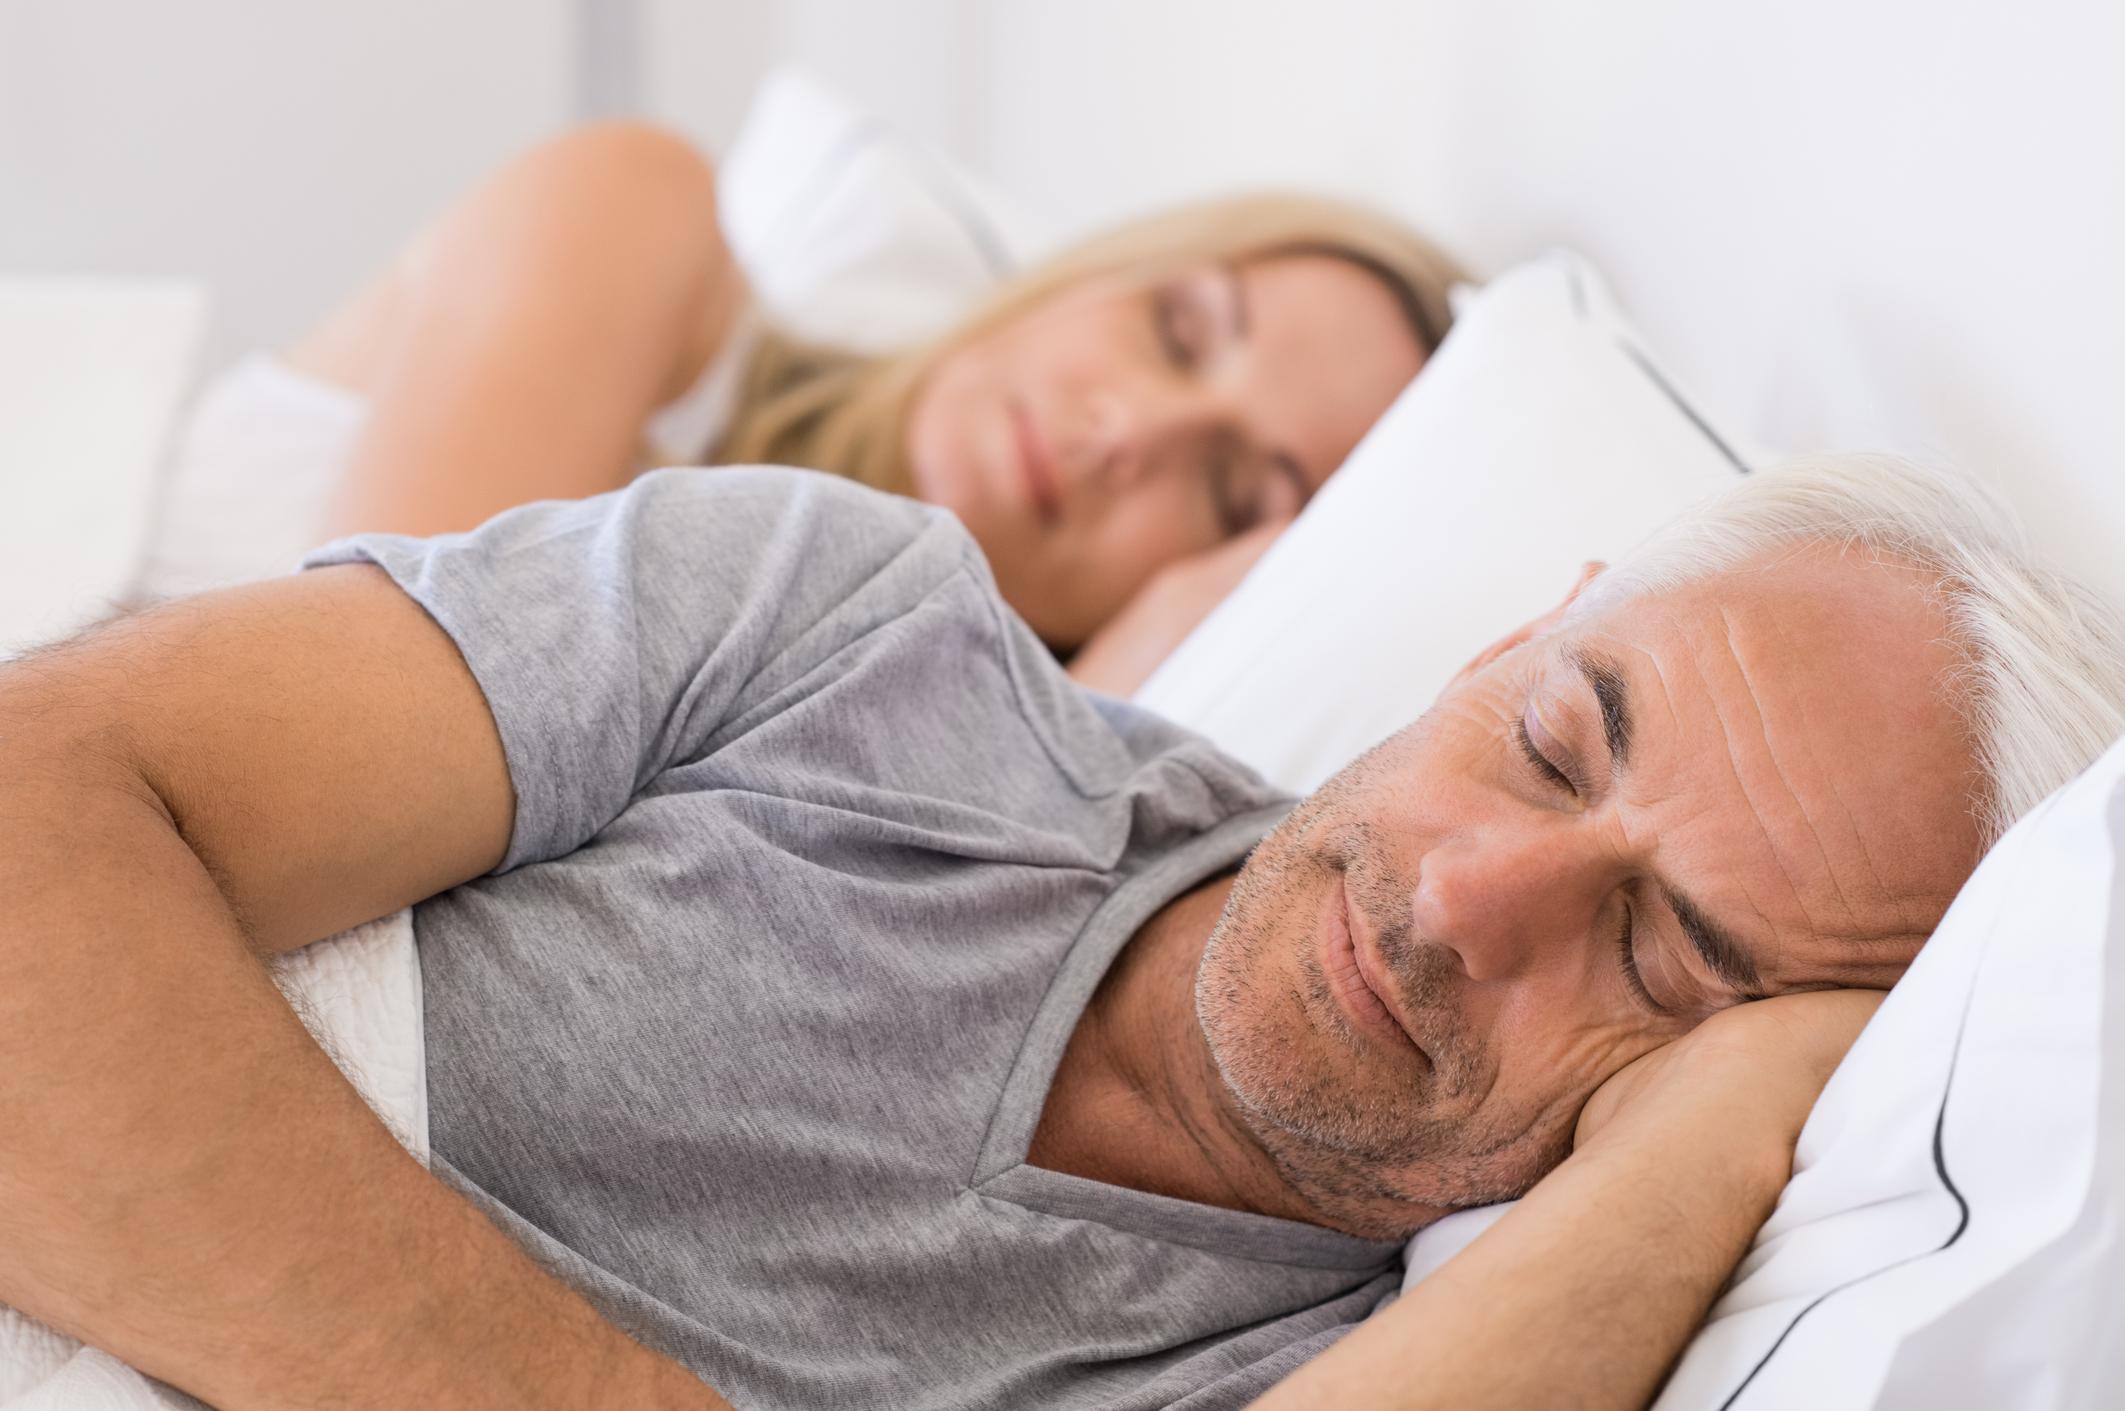 Добрият сън е с приоритет Добрият сън спомага за доброто настроение и физически сили, макар да не звучи толкова романтично. Щастливите двойки намират достатъчно време за сън, както и за други активности, които са извън работата.